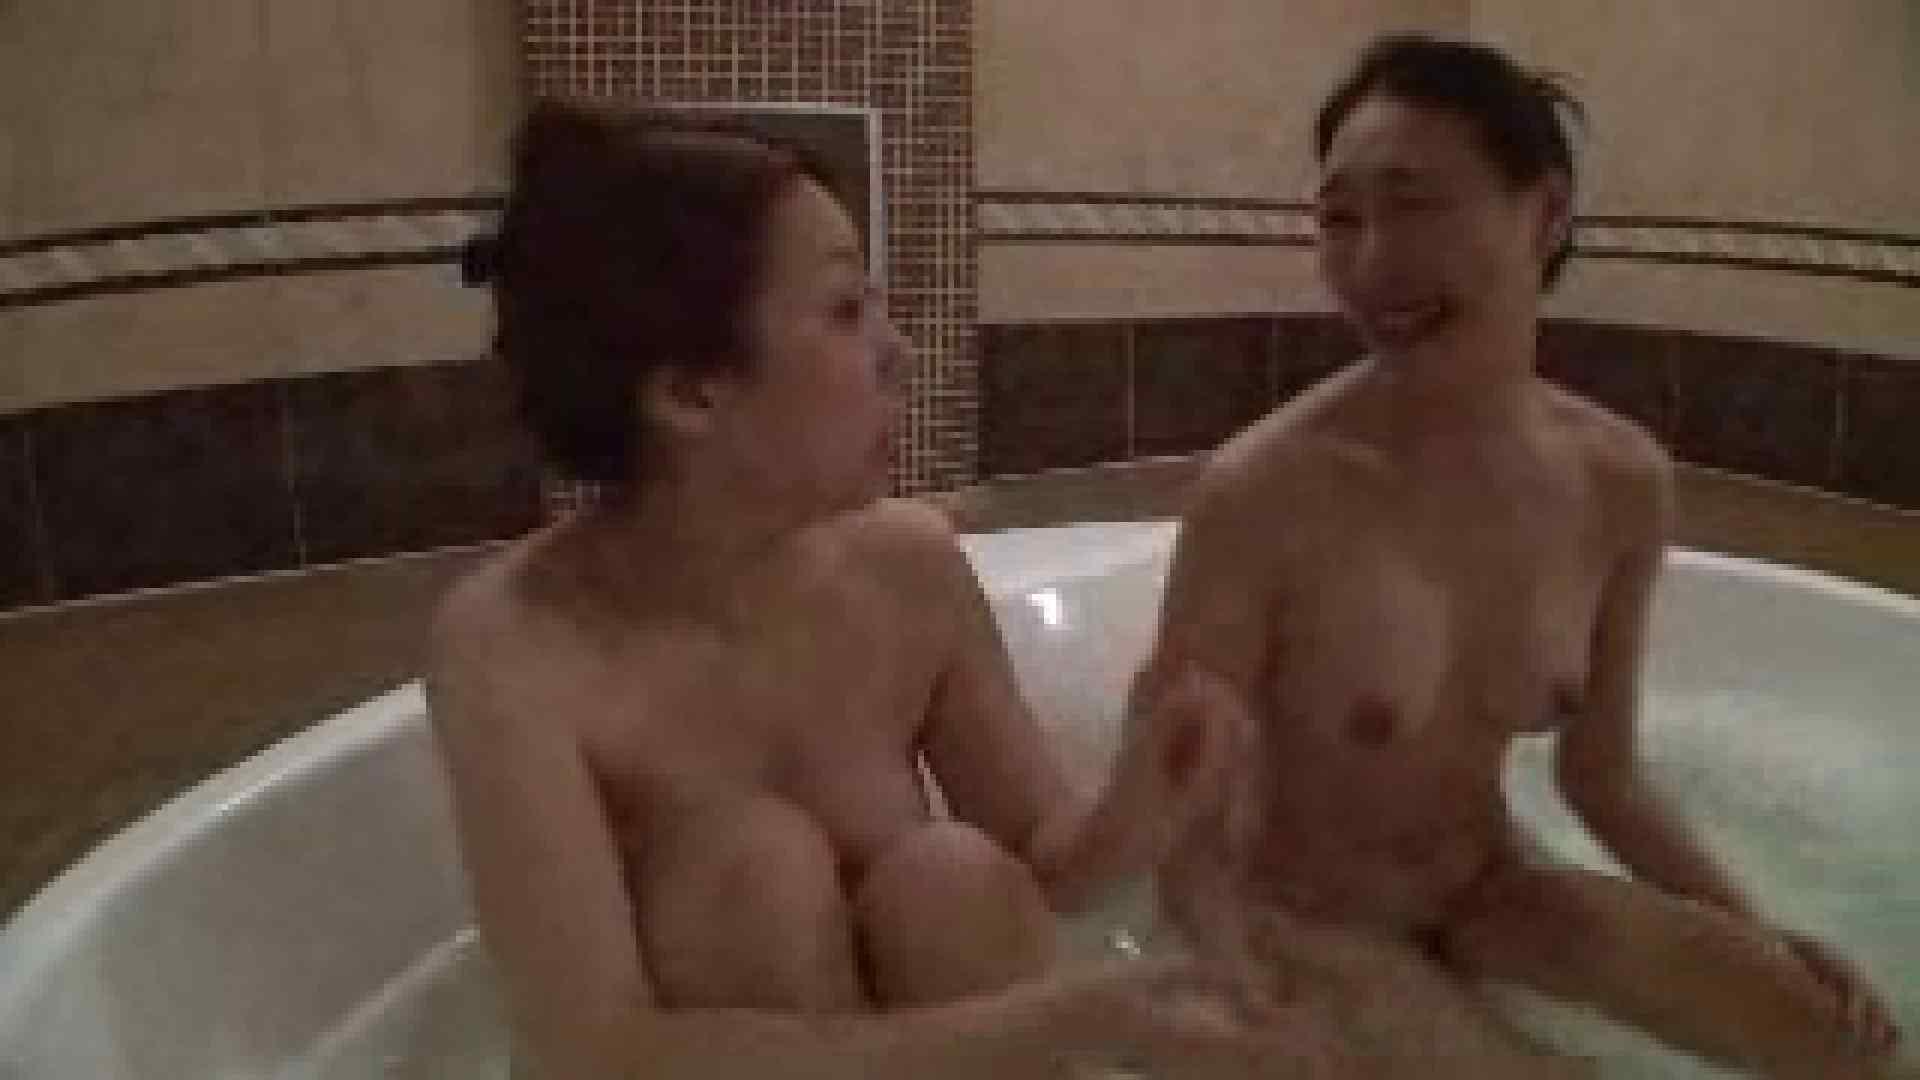 親友同士で競演 超美形熟女のSEXパーティ Vol.06 熟女丸裸 オメコ無修正動画無料 80pic 56